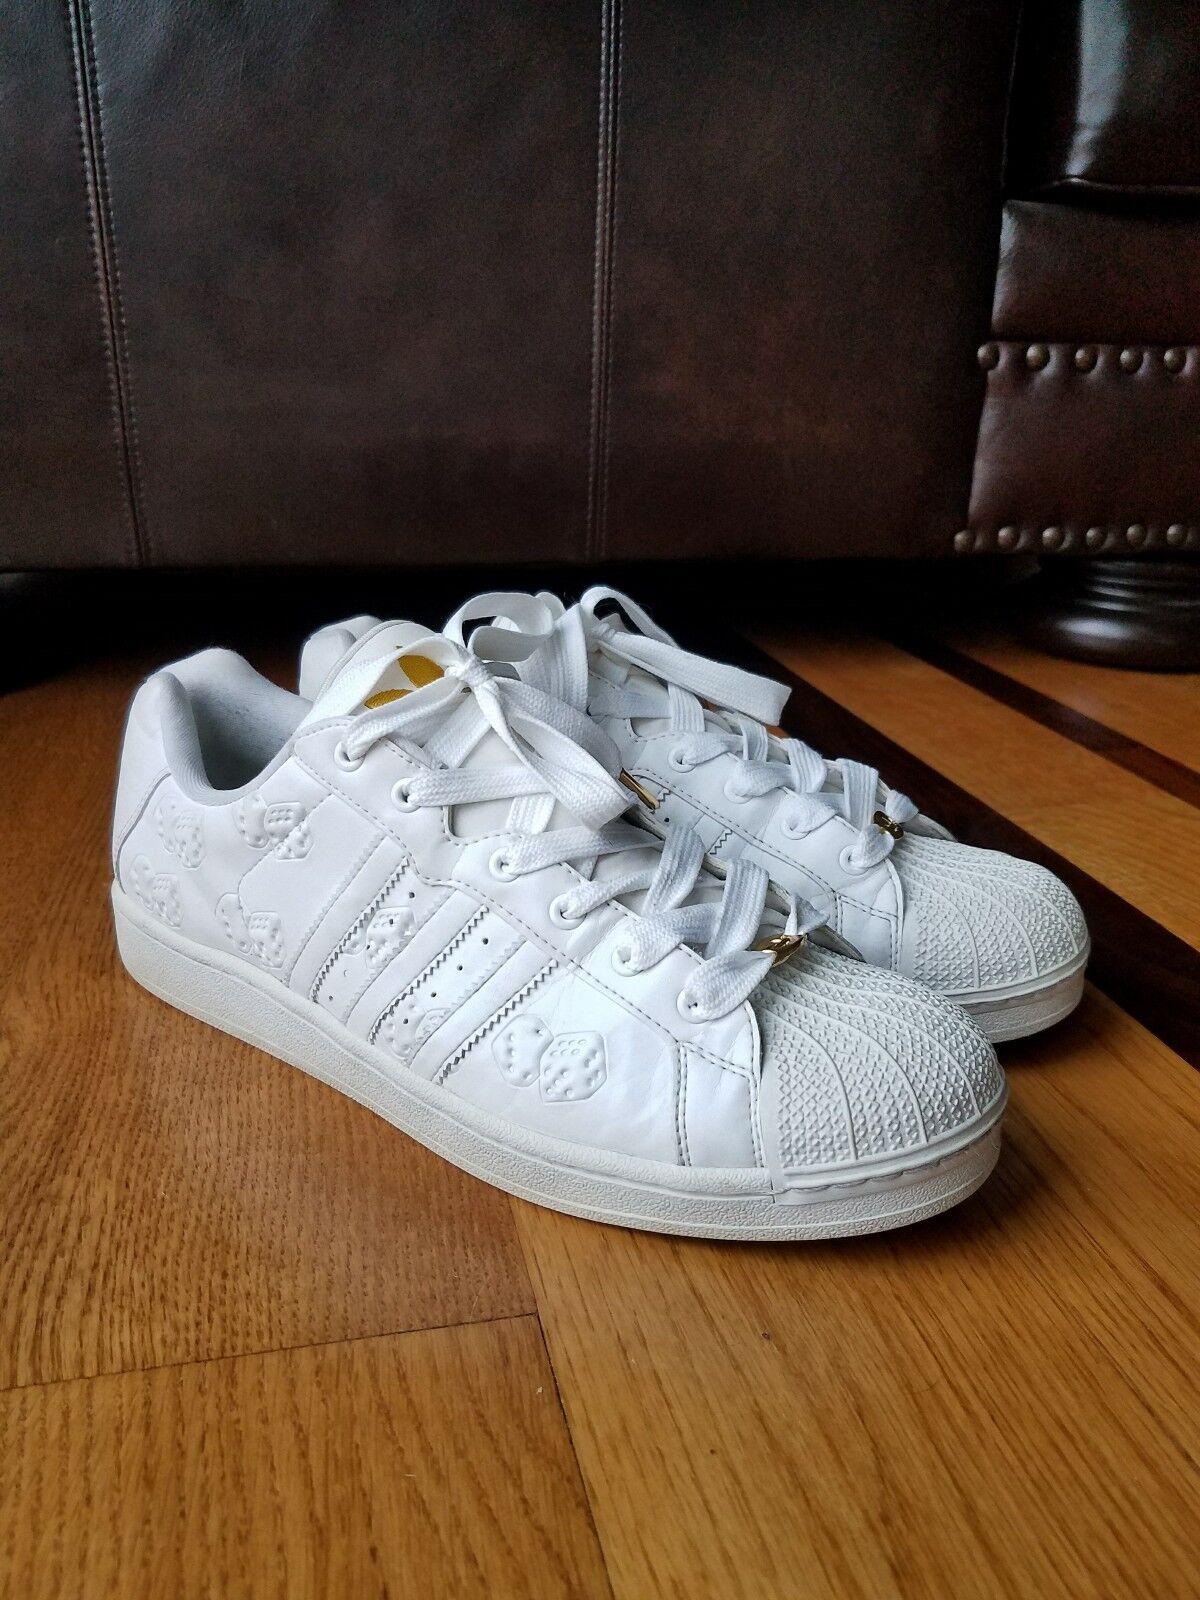 ADIDAS '06  High Roller  White Shell Toe Sneaker shoes Trefoil Ultrastar Dice 13